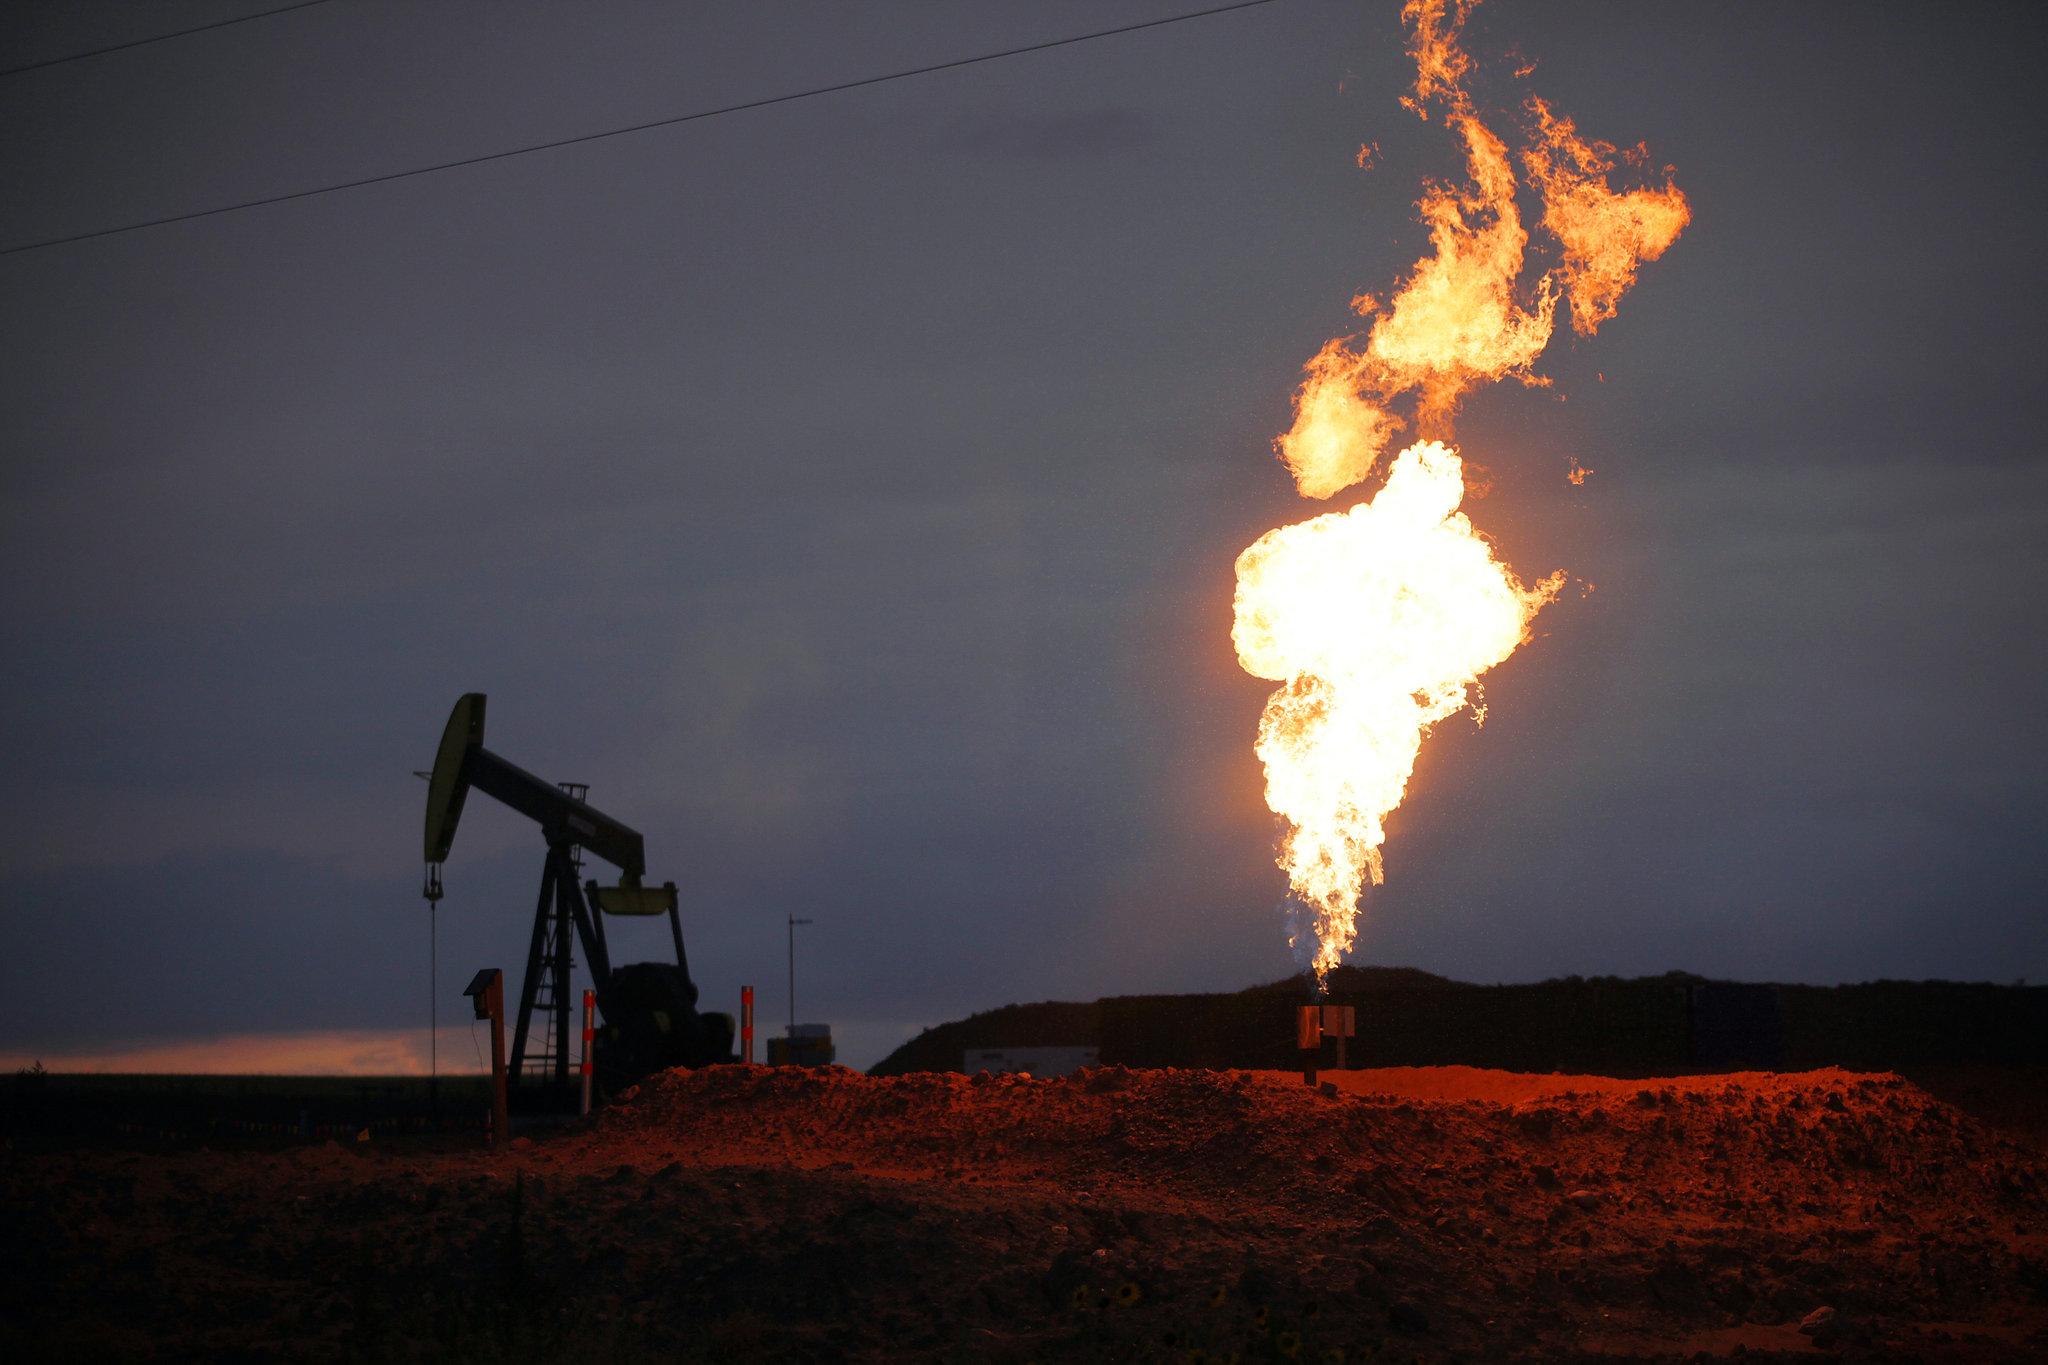 Giá gas hôm nay 9/11: Thời tiết bất ổn giá gas tiếp tục giảm - Ảnh 1.